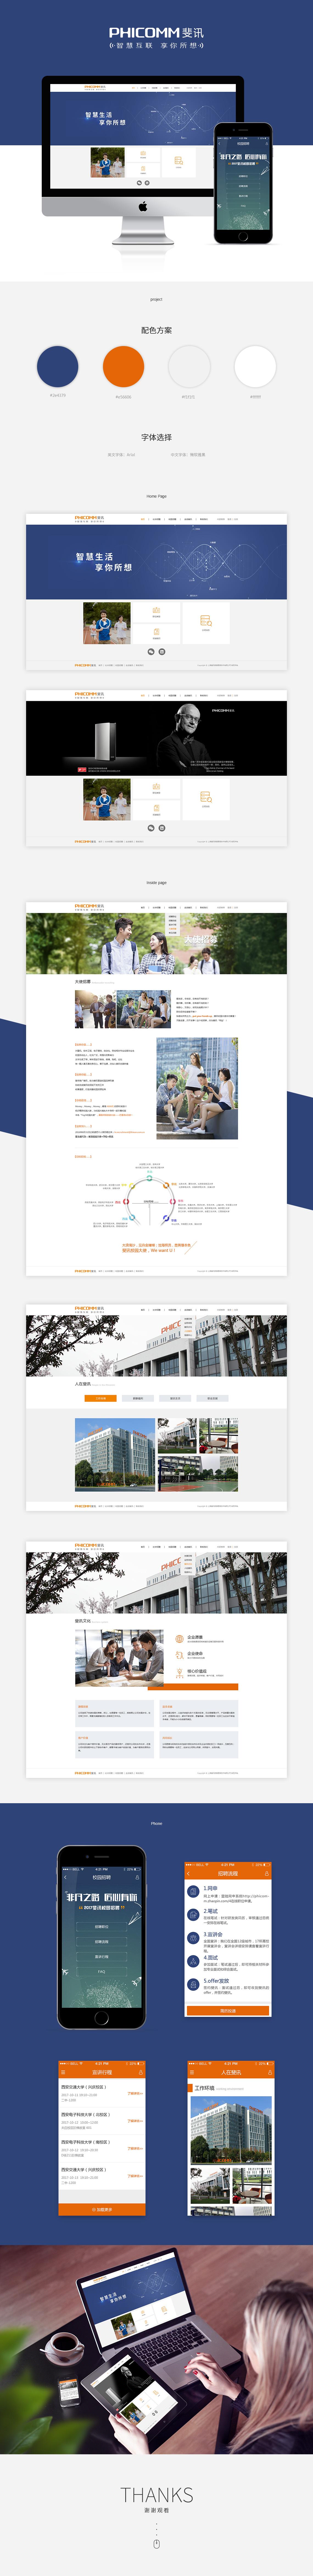 網站設計案例之斐訊